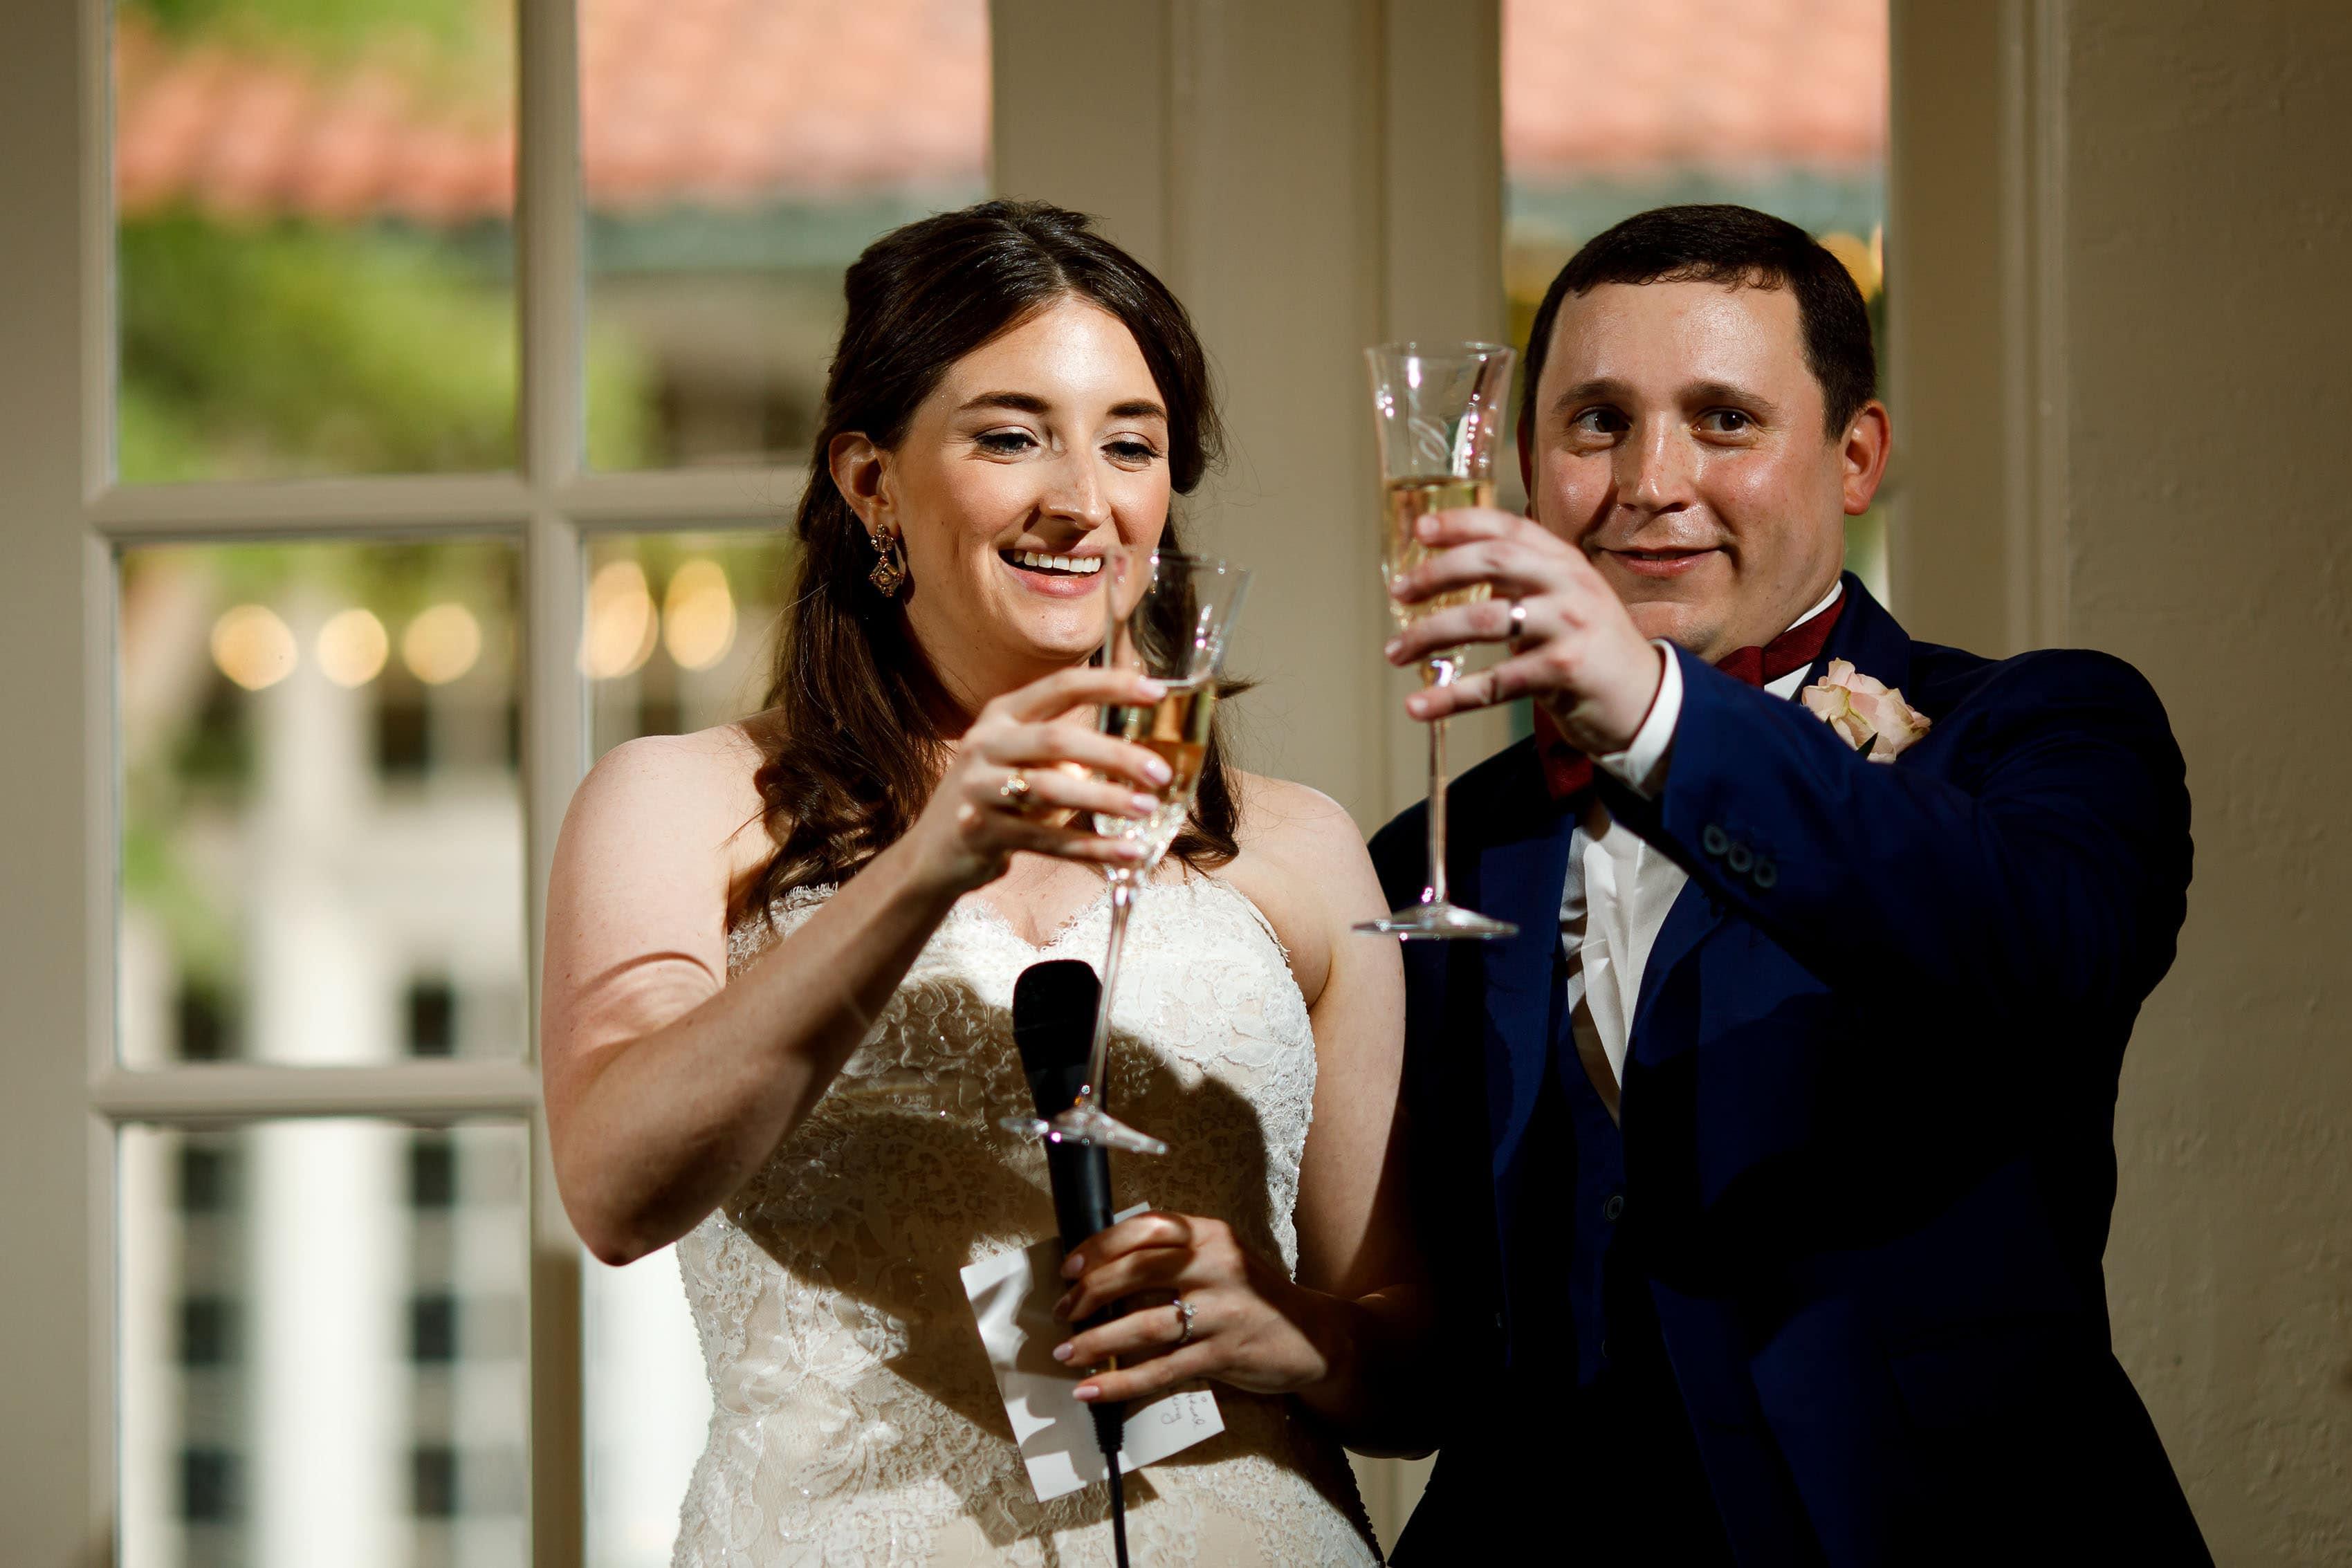 The bride and groom toast at Ravisloe